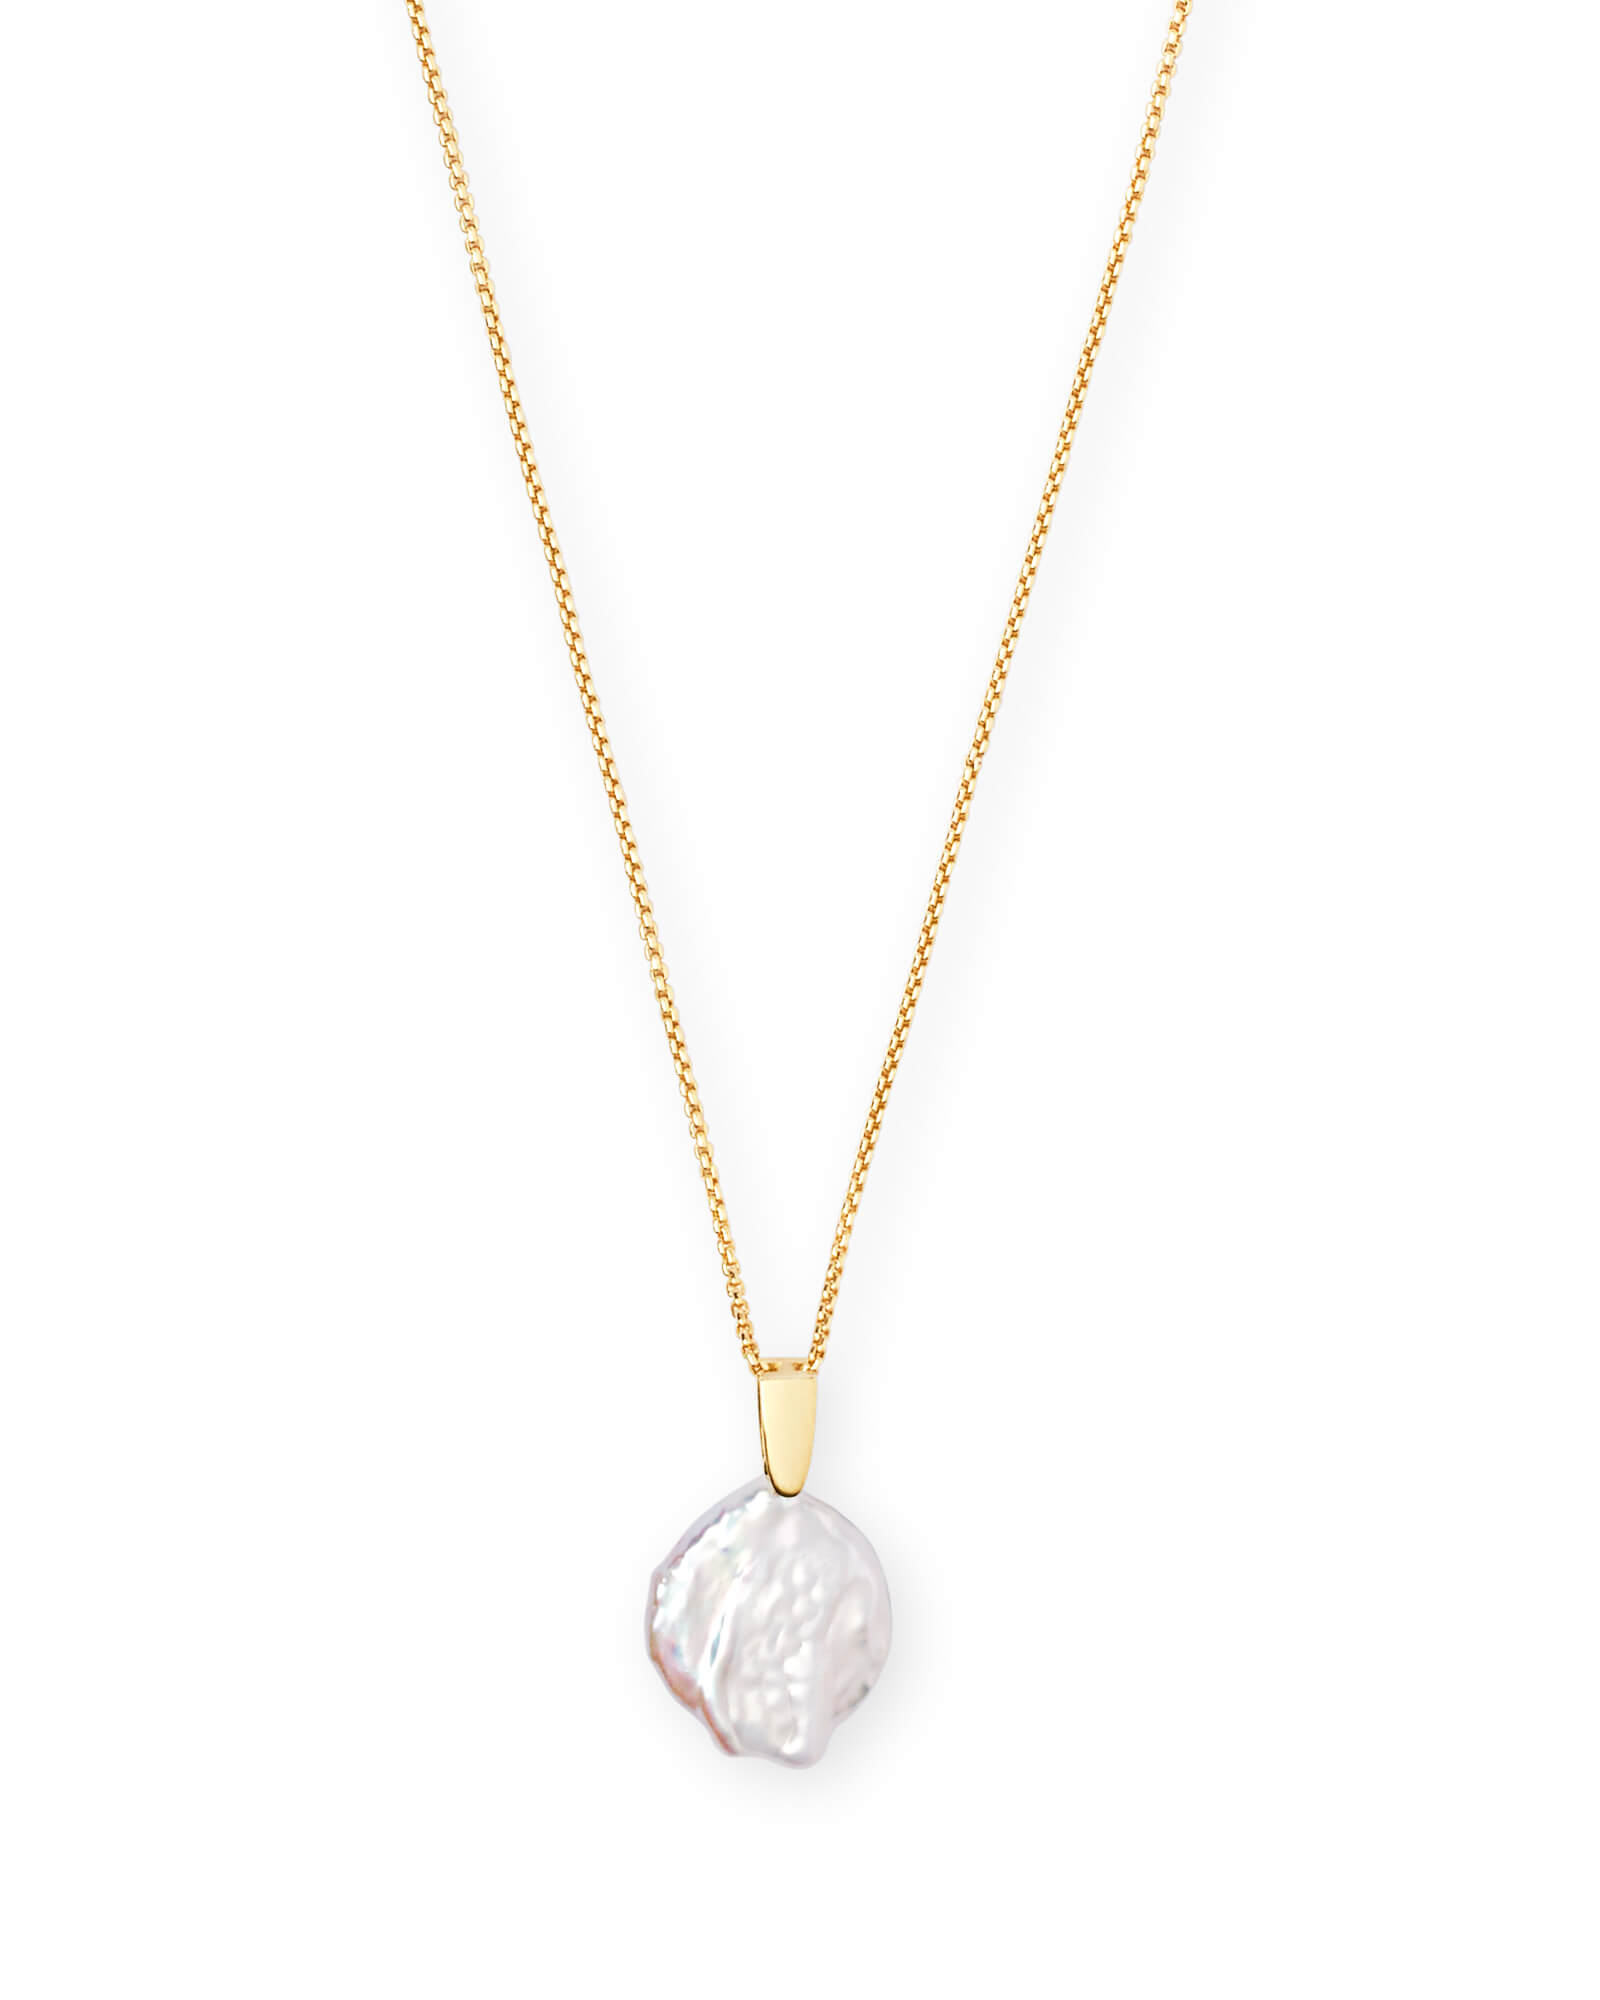 bfe9e224b1531 Priscilla Gold Pendant Necklace in Pearl | Kendra Scott